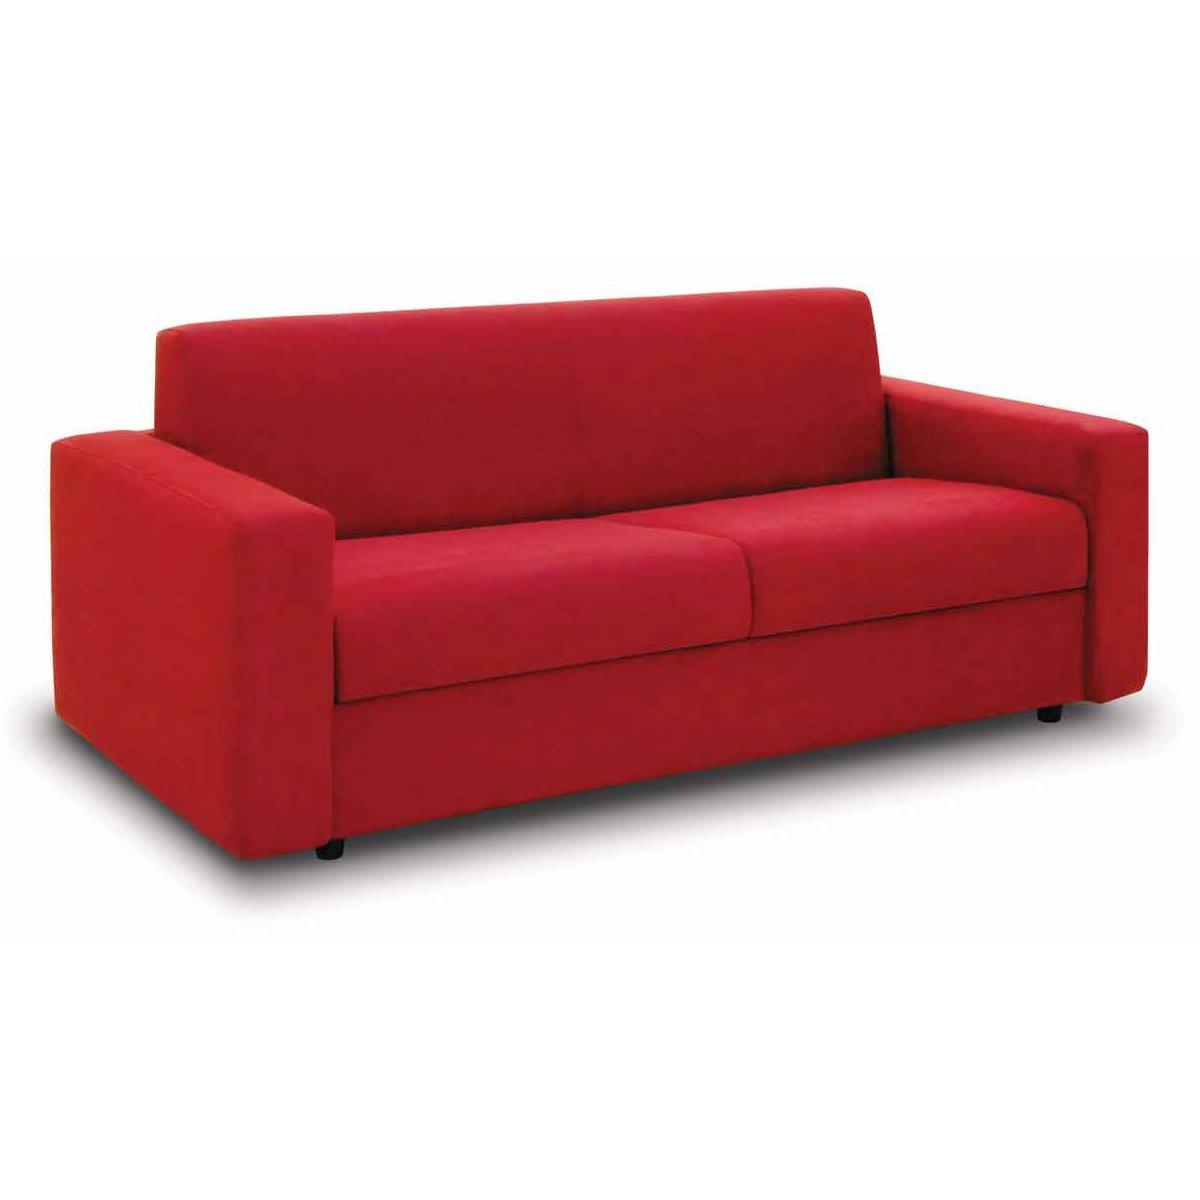 canap convertible r publique meubles et atmosph re. Black Bedroom Furniture Sets. Home Design Ideas